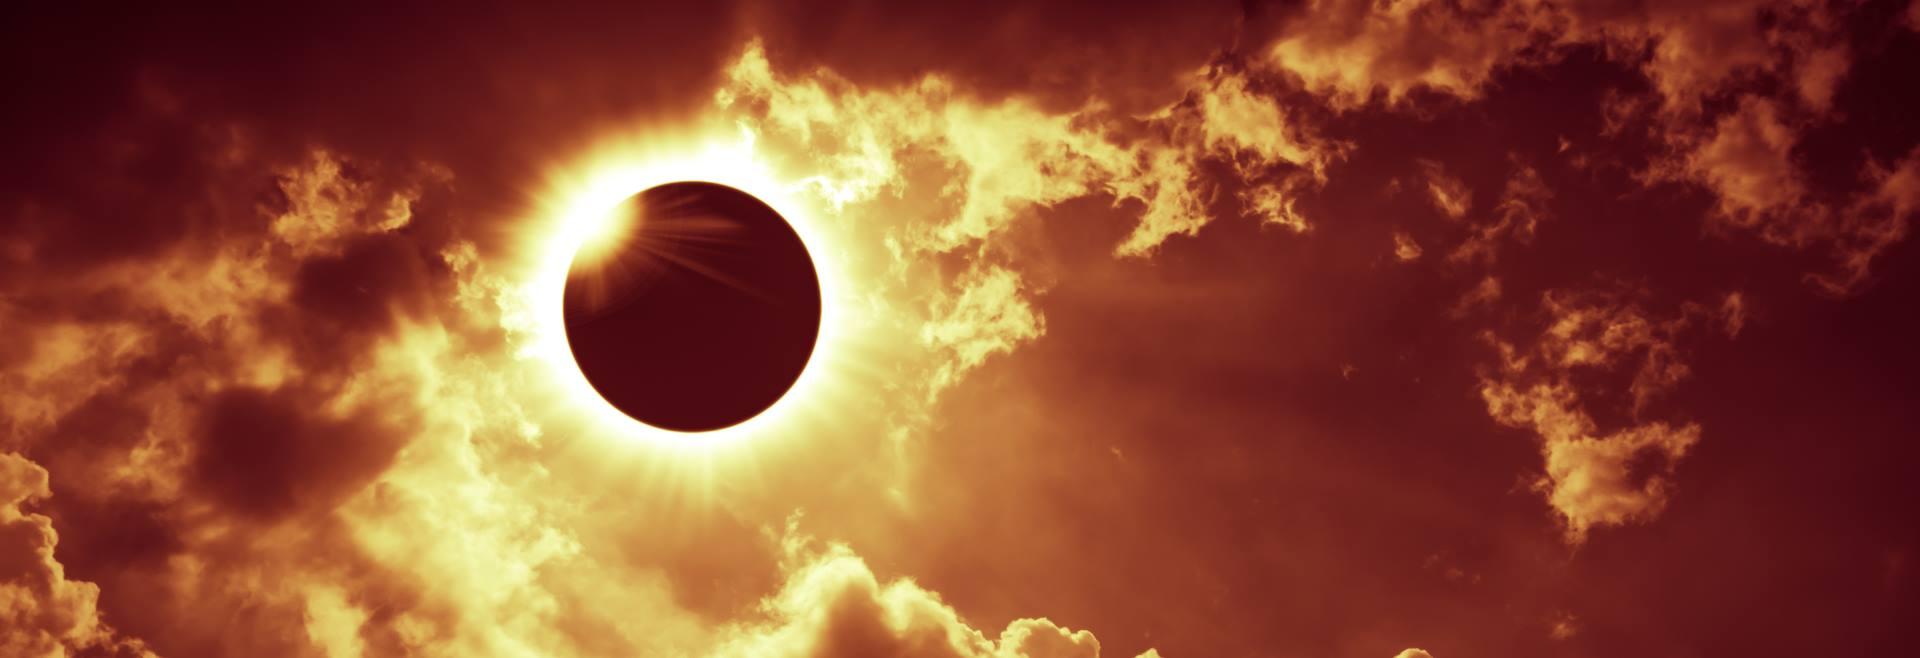 Eclipse   chile -